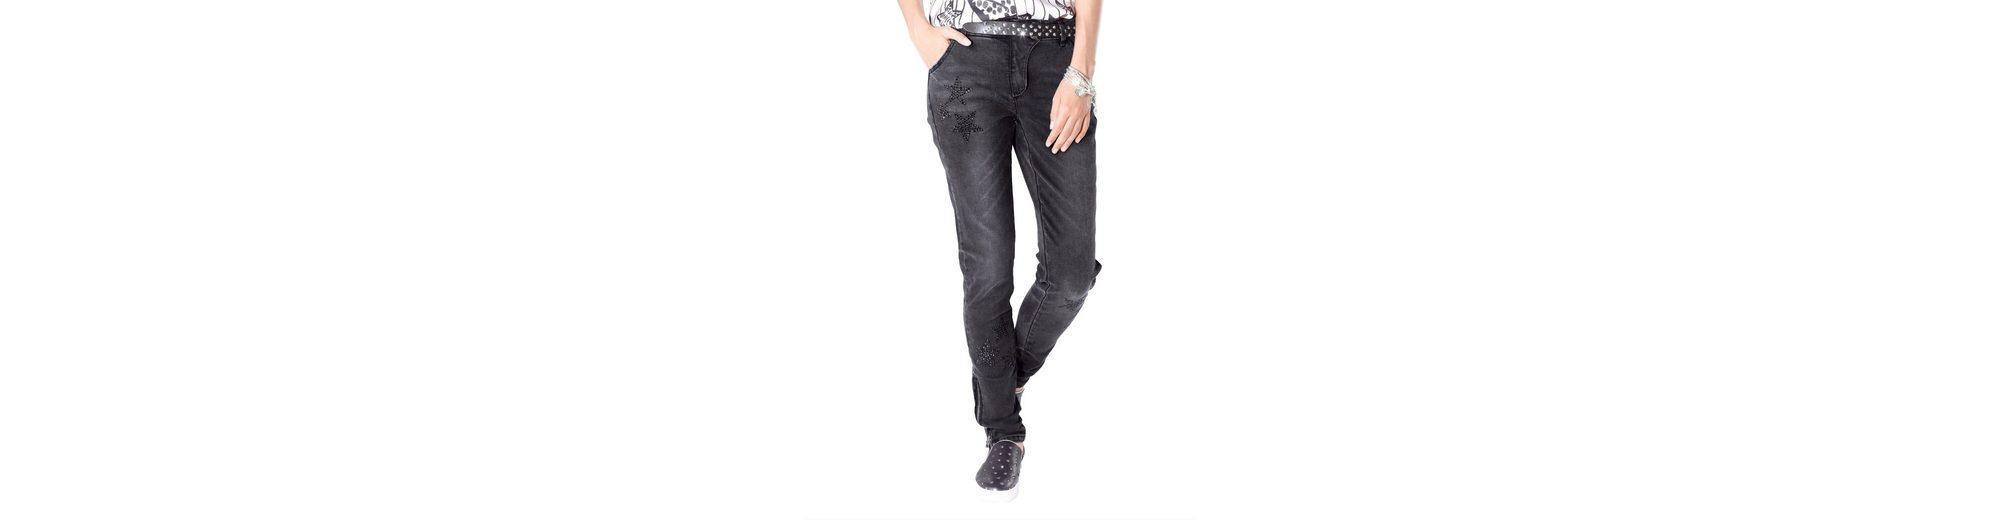 Alba Moda Jeans mit Strass-Sternen in schlanker Form Große Diskont Günstiger Preis 4jbMCqCs